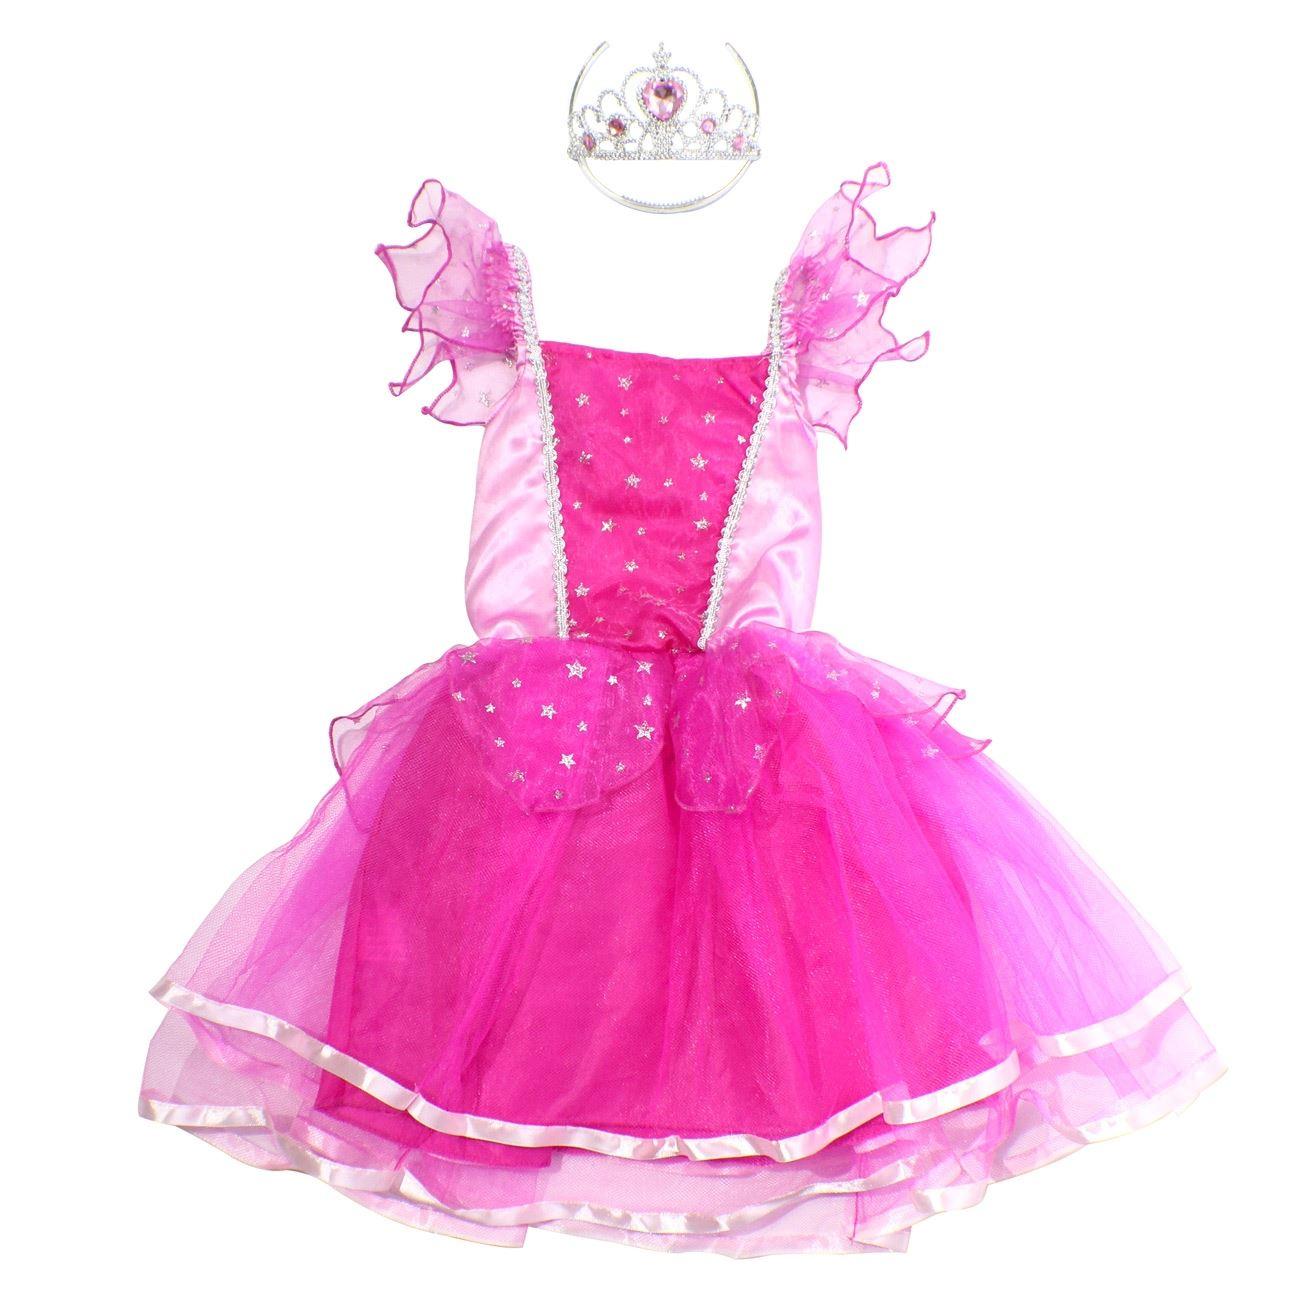 Αποκριάτικη Στολή Πριγκίπισσα Κοντό Ροζ Φόρεμα 85d3ff4751b